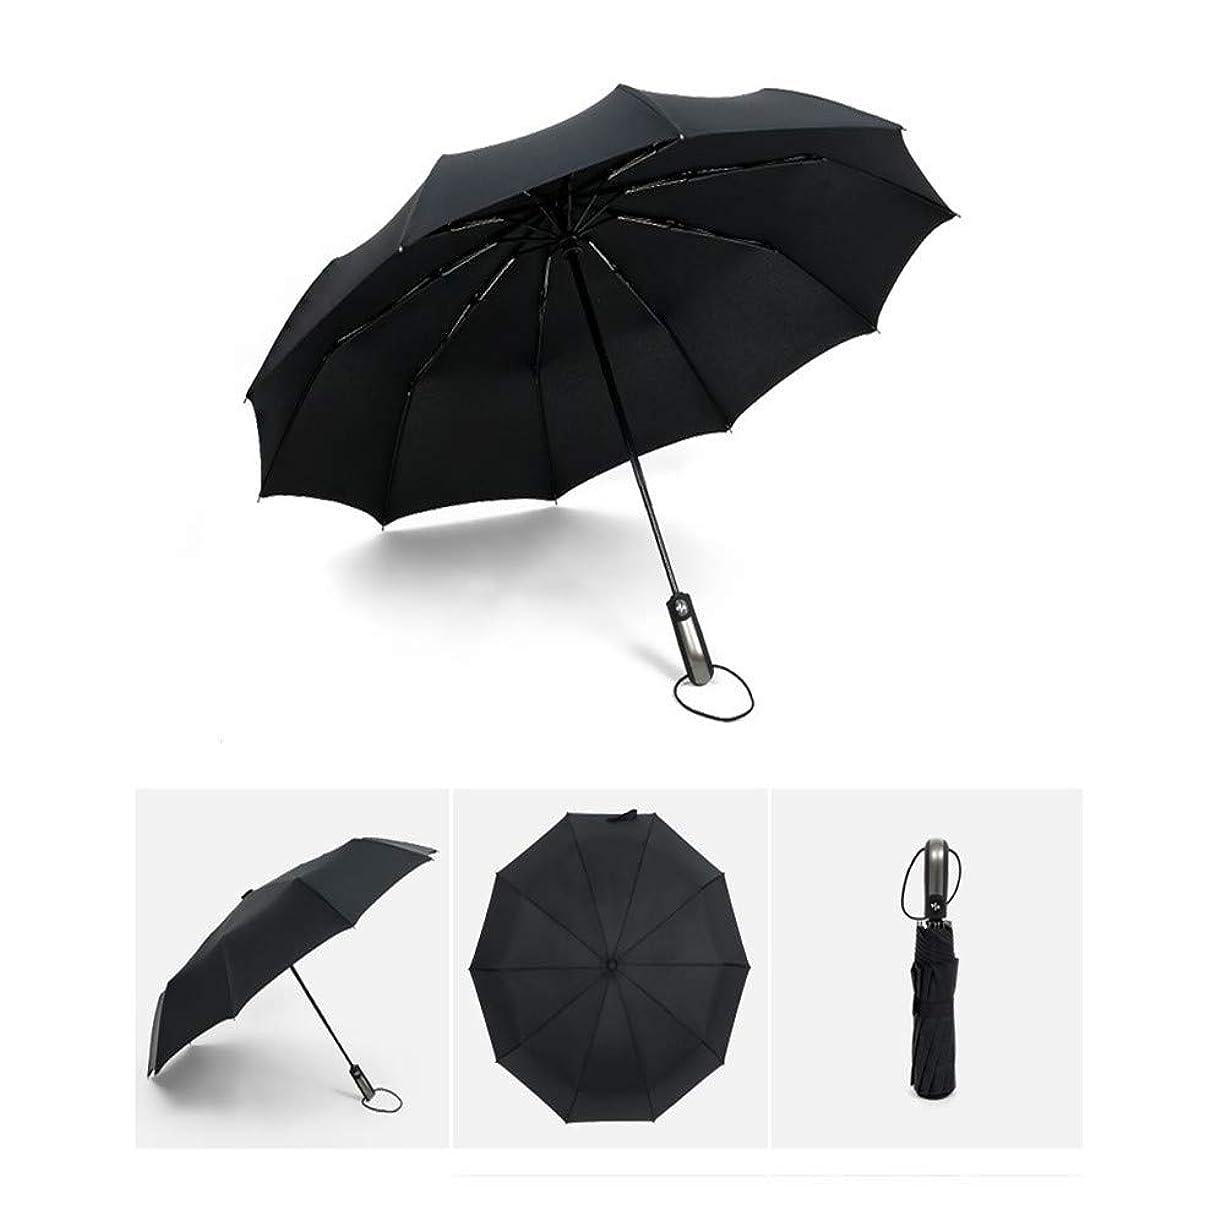 工場ピースマーカーFanYan 全 自動 傘 折りたたみ ダブル 傘 便利 太陽 傘 ユニセックス ブラック ラバー 防風 と 強い M サイズ ブラック